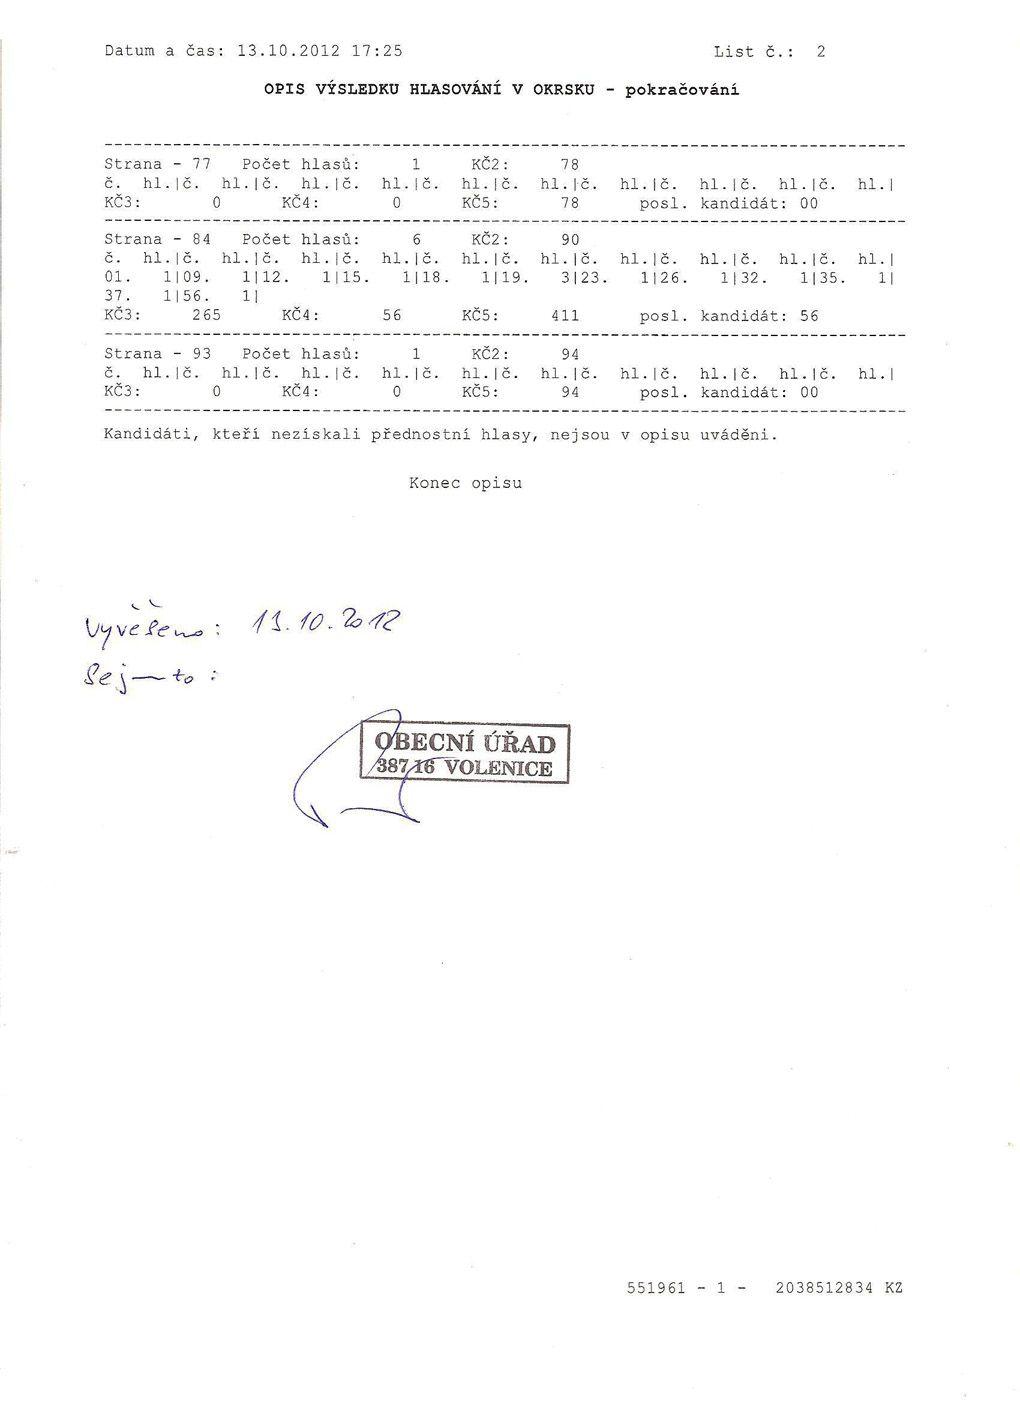 Výsledky voleb do Zastupitelstva Jihočeského kraje 2012